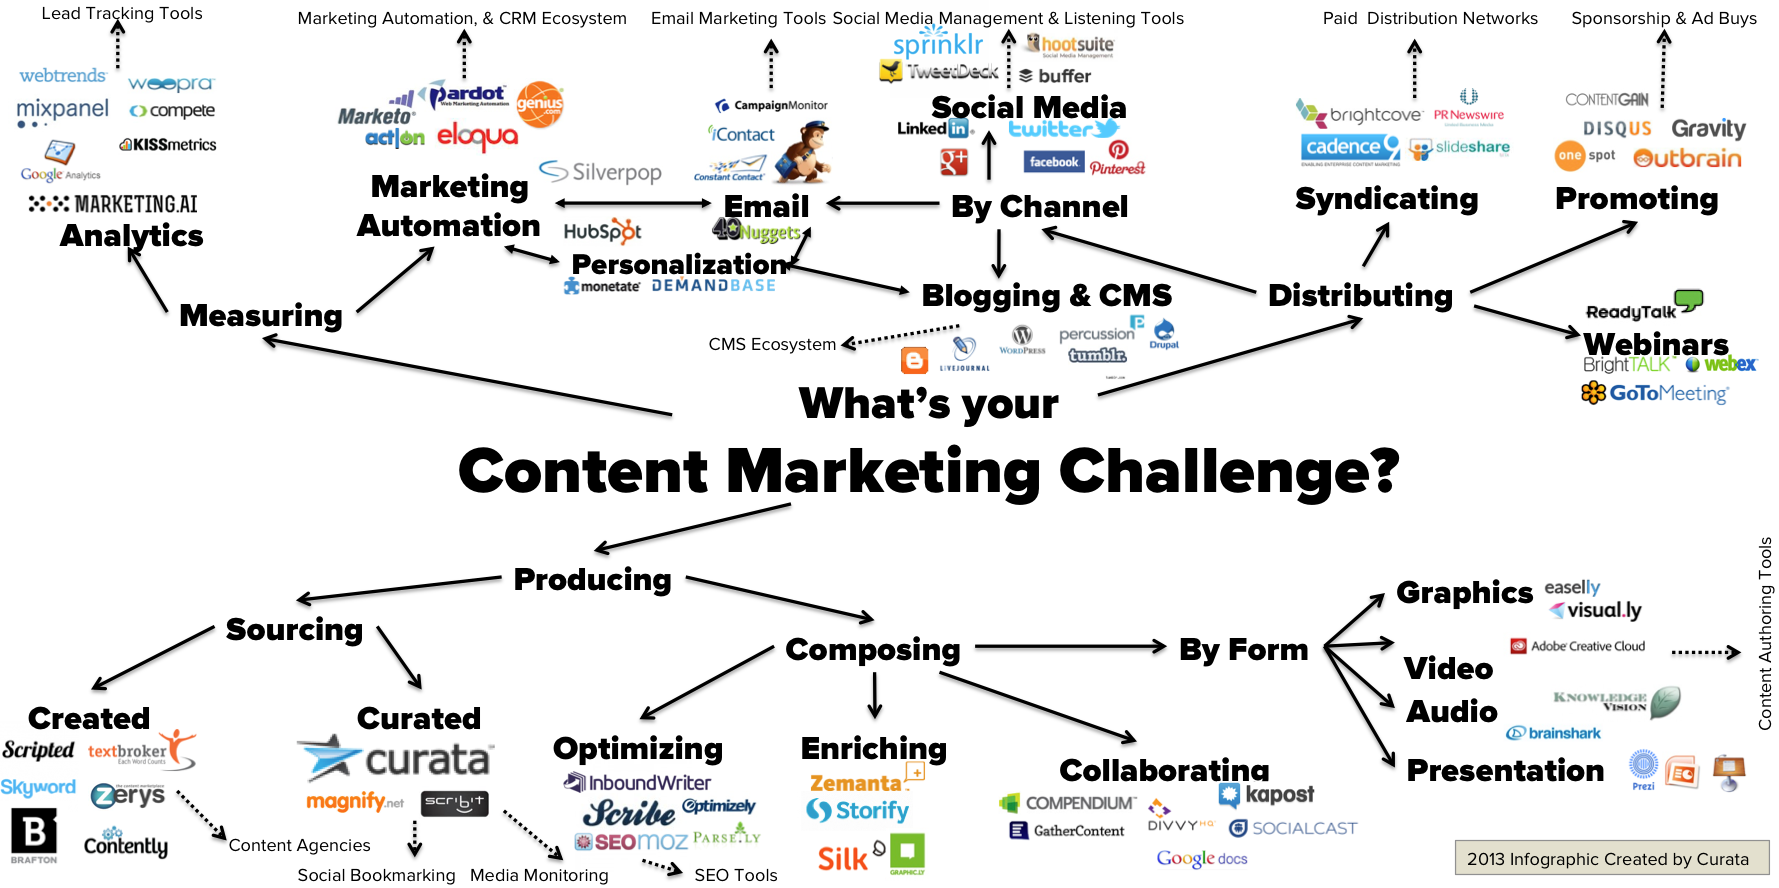 Curata content marketing tools list